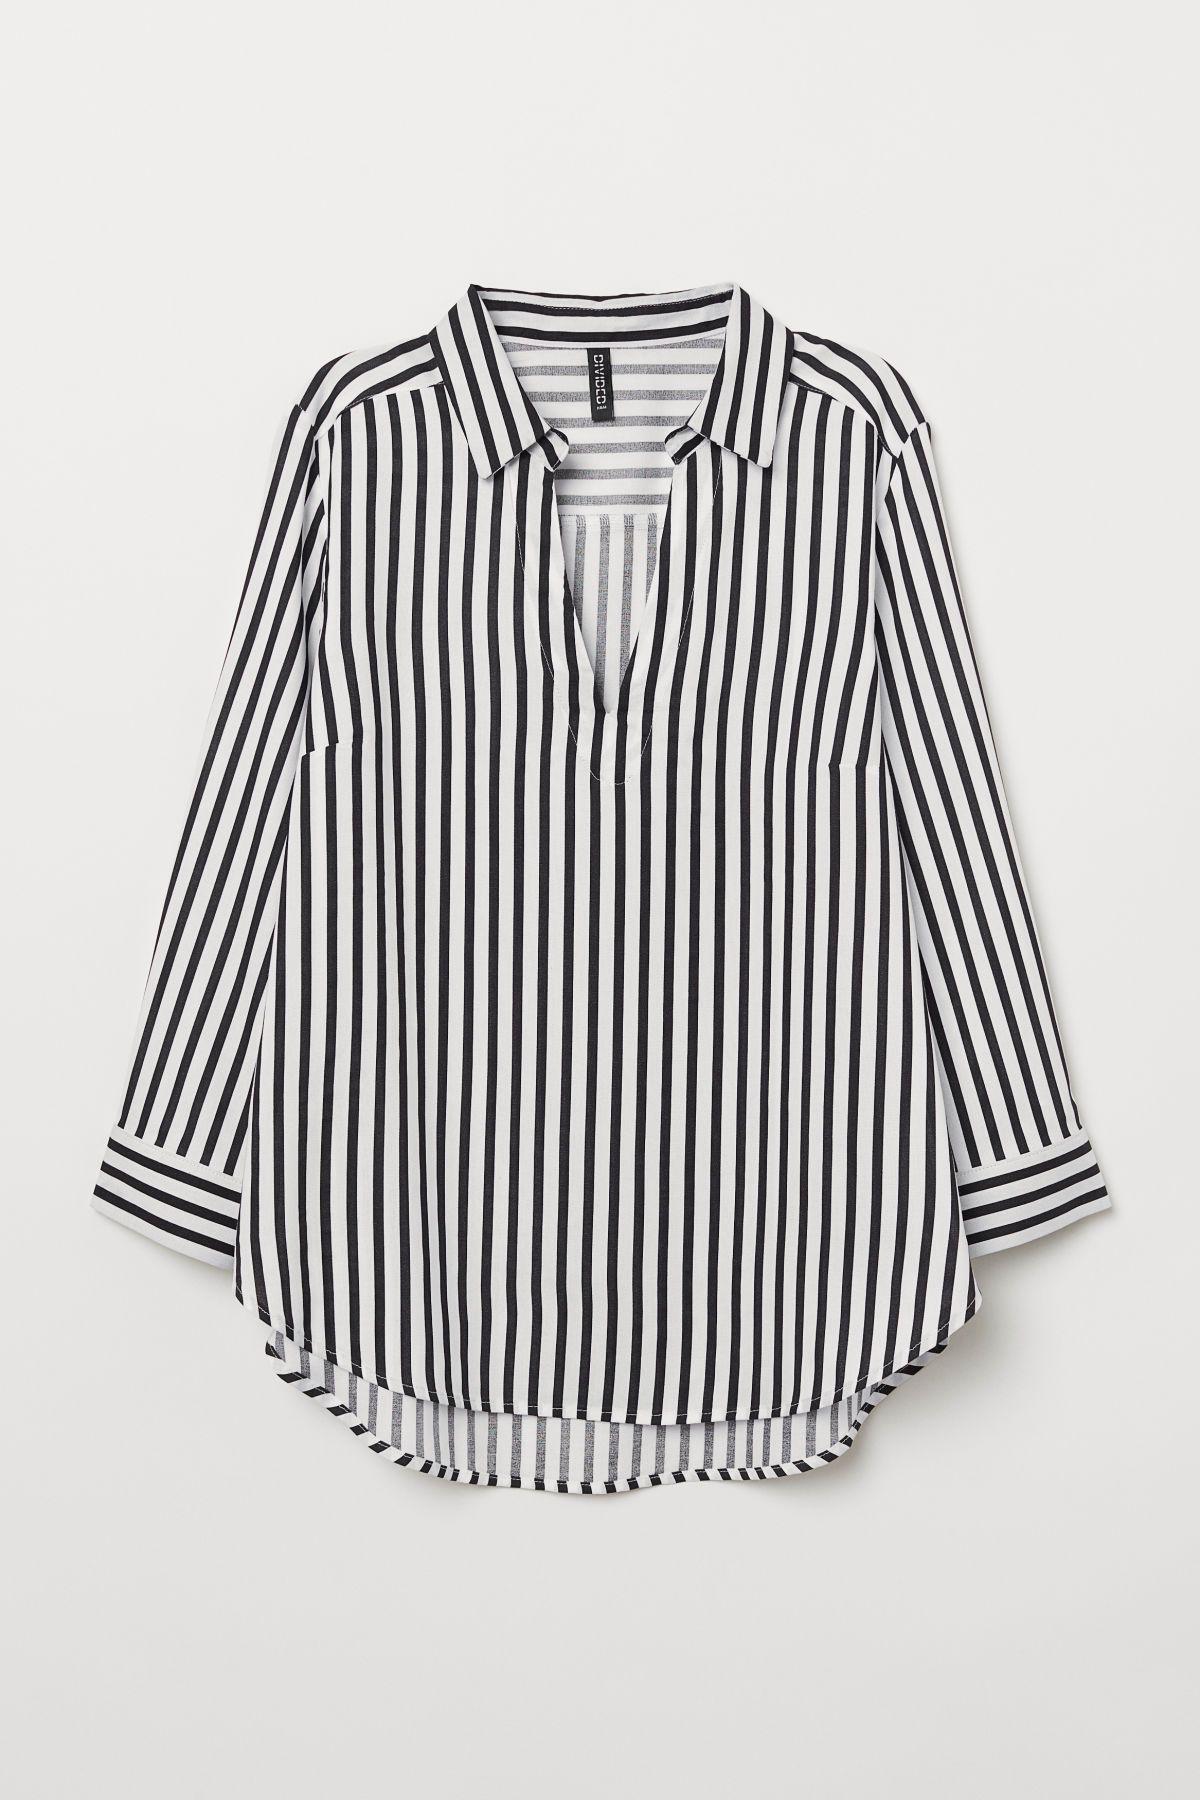 En todo el mundo Paine Gillic Herméticamente  Pin en clothes - blusas, camisetas y blusones ♡